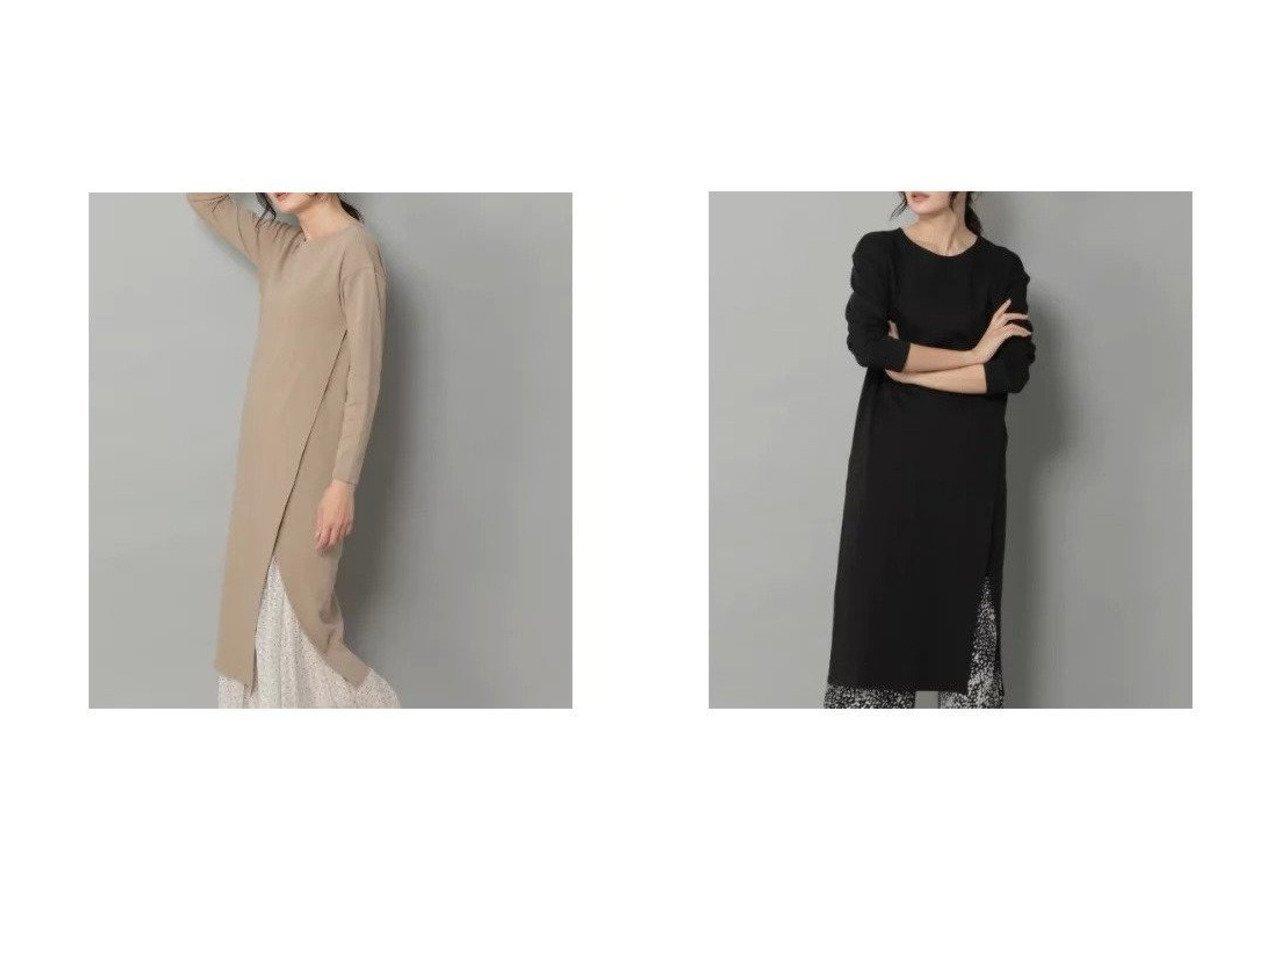 【Elura/エルーラ】のサマ見えカシュクールワンピース ワンピース・ドレスのおすすめ!人気、トレンド・レディースファッションの通販    レディースファッション・服の通販 founy(ファニー)